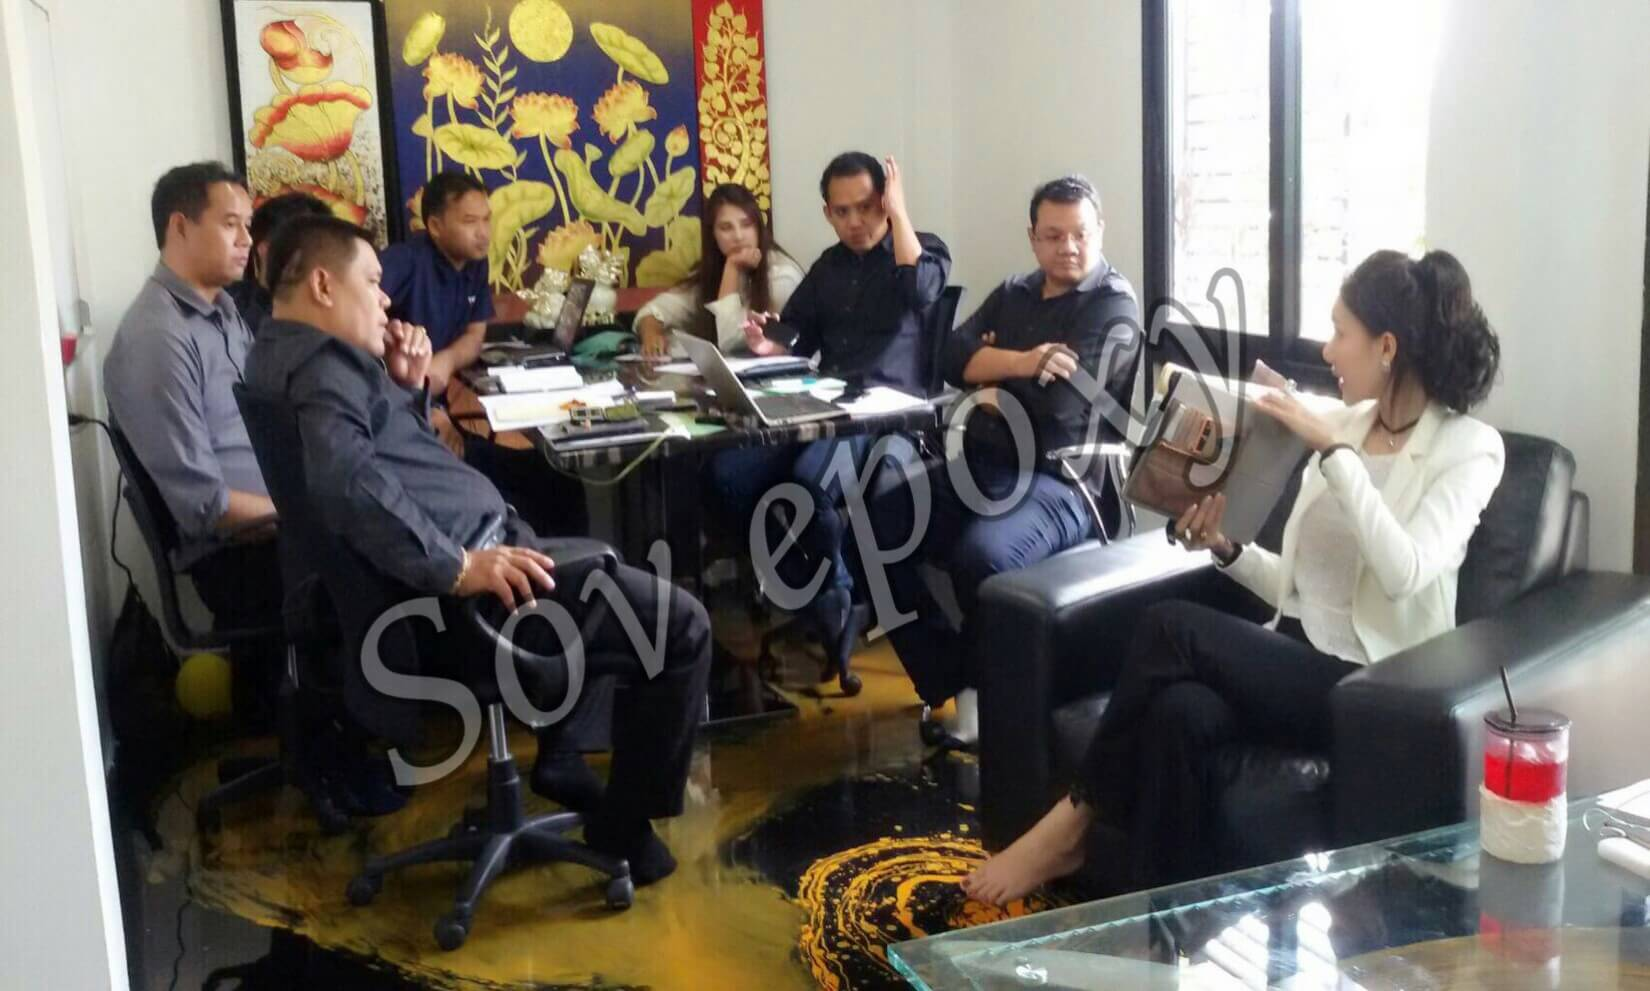 ประชุมยอดขาย SOV EPOXY 5